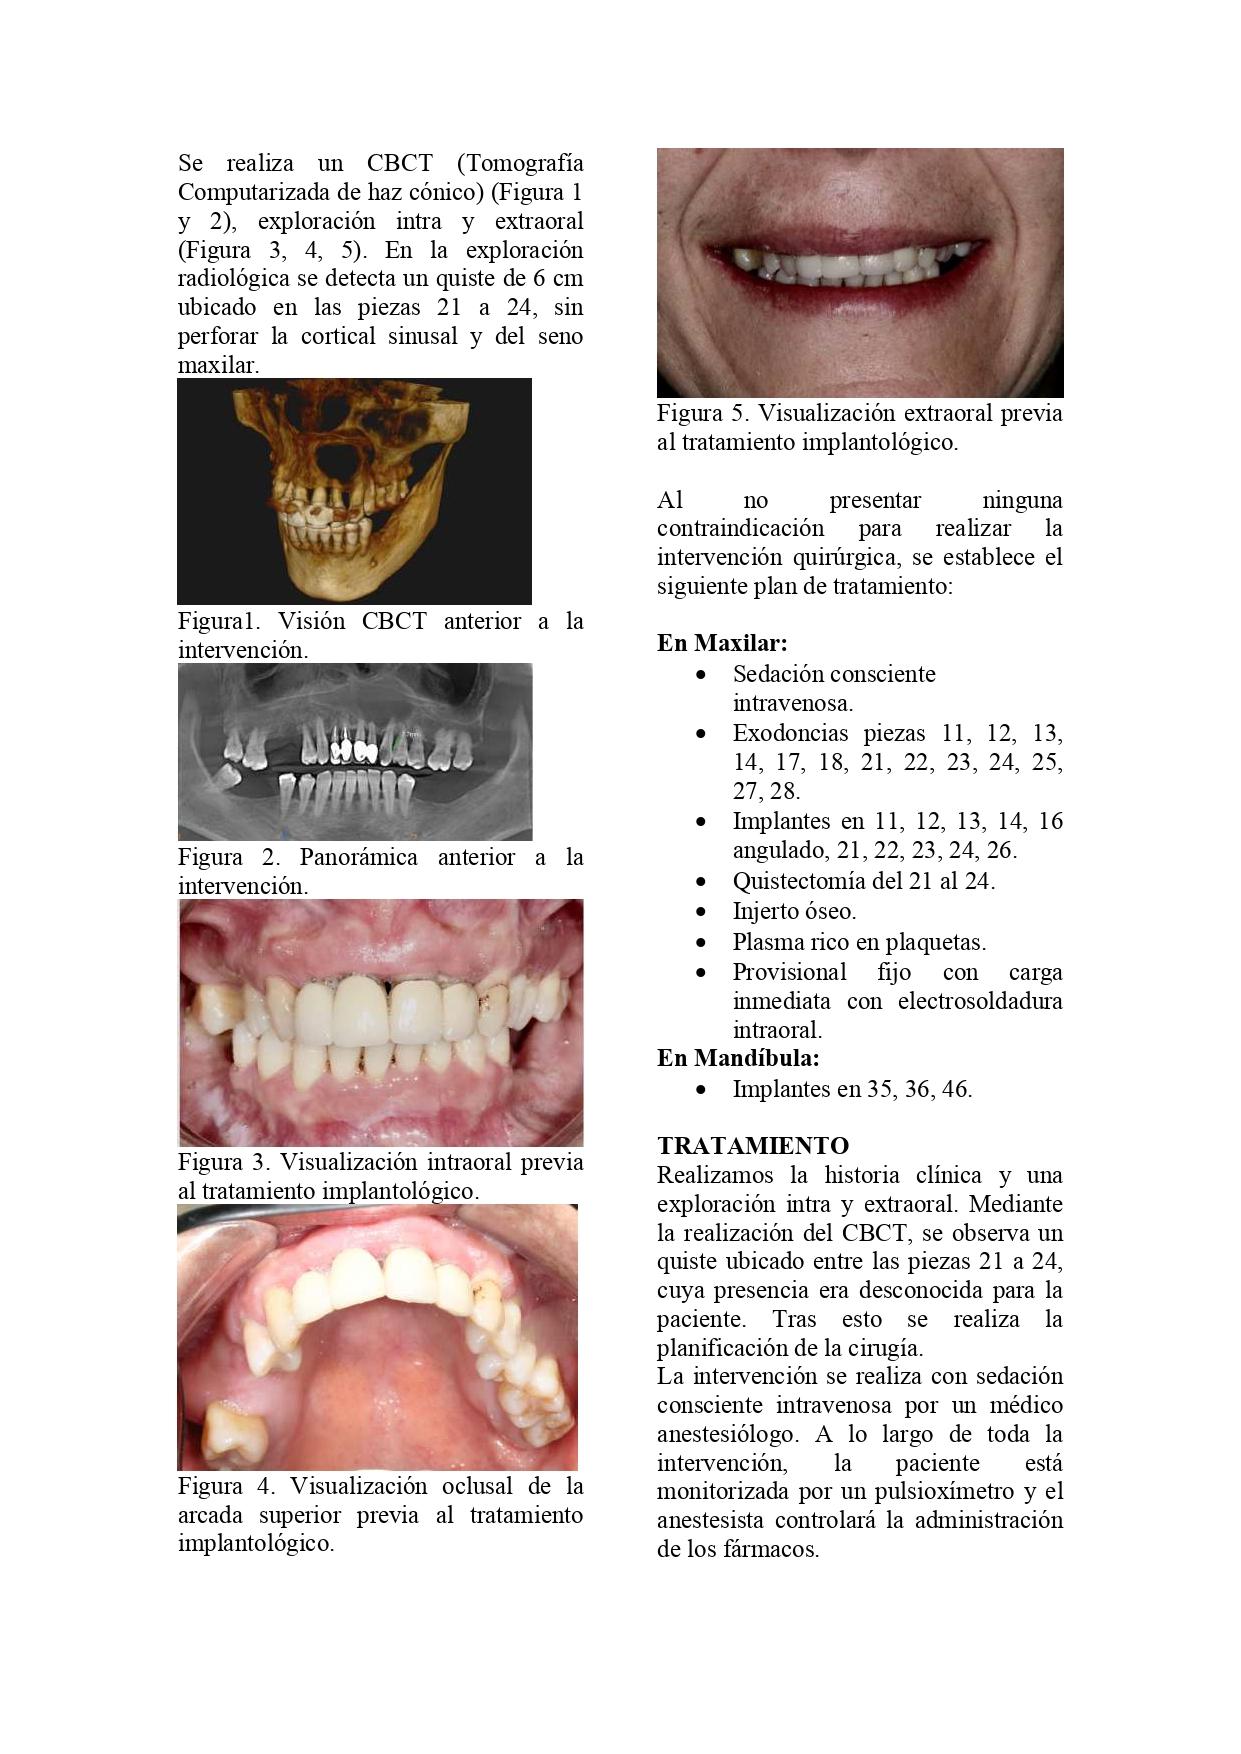 CASO-CLÍNICO-QUISTE-OK_page-0003